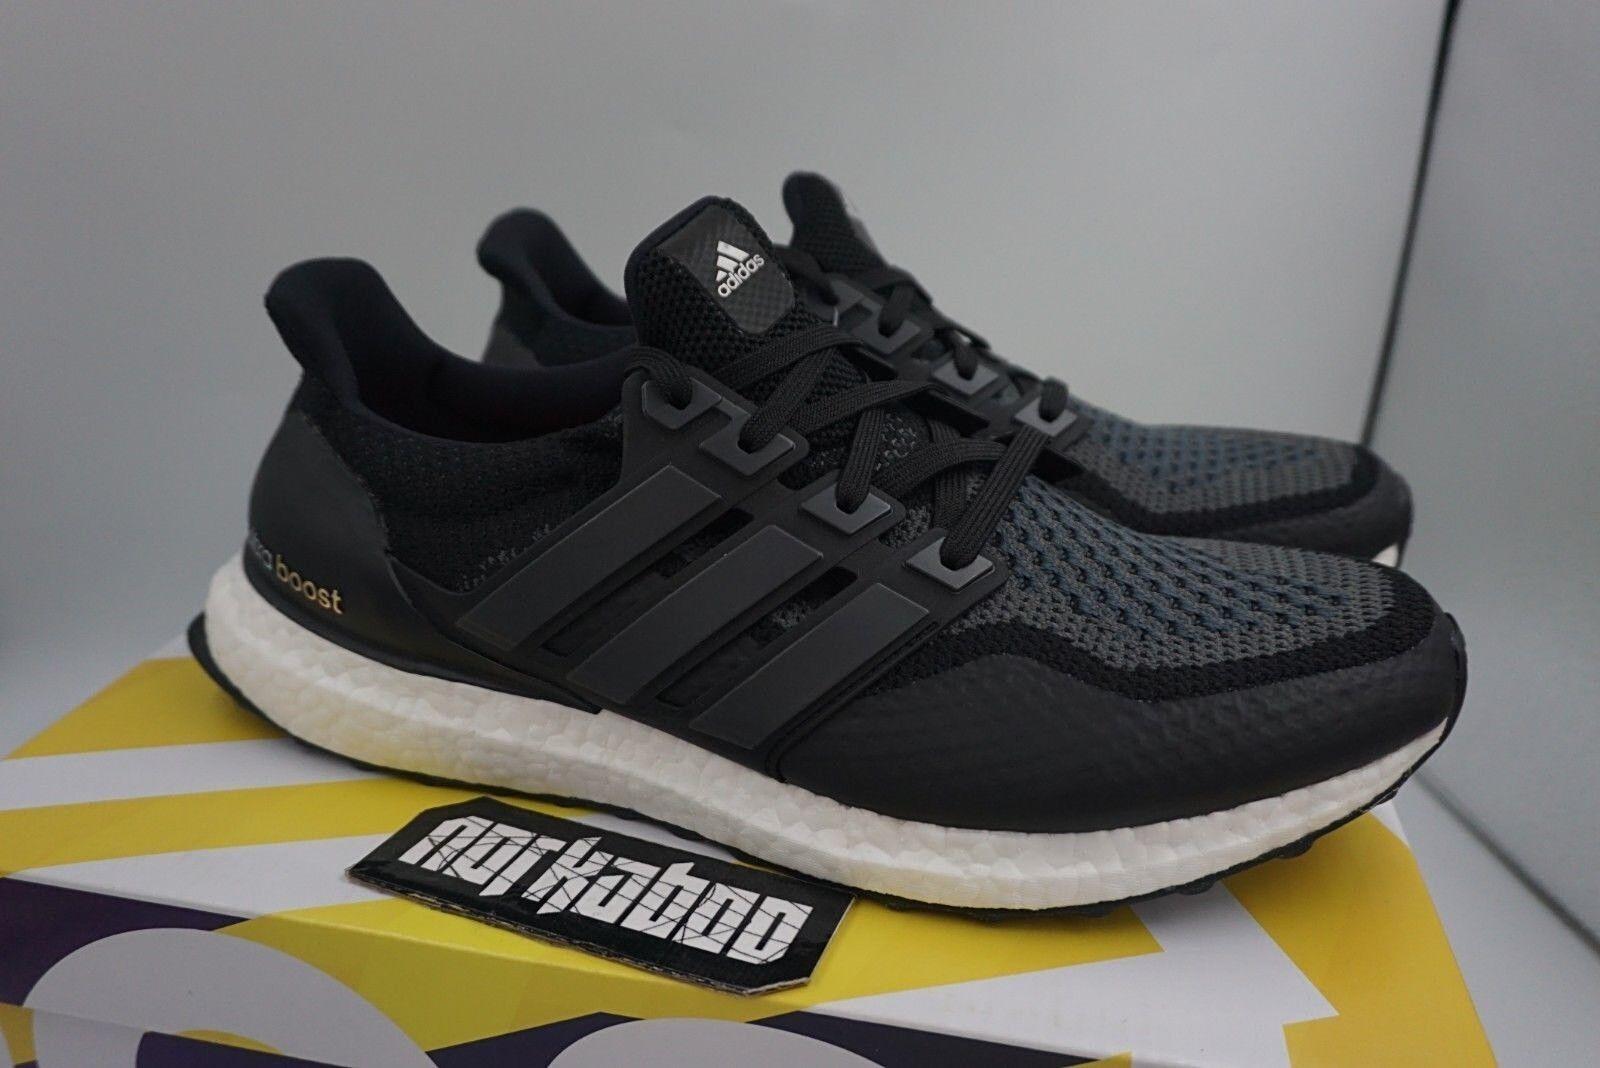 adidas 2.0 ultra boost 2.0 adidas base rta m aq5954 gris noir imperméables tout terrain nouvelles a81758